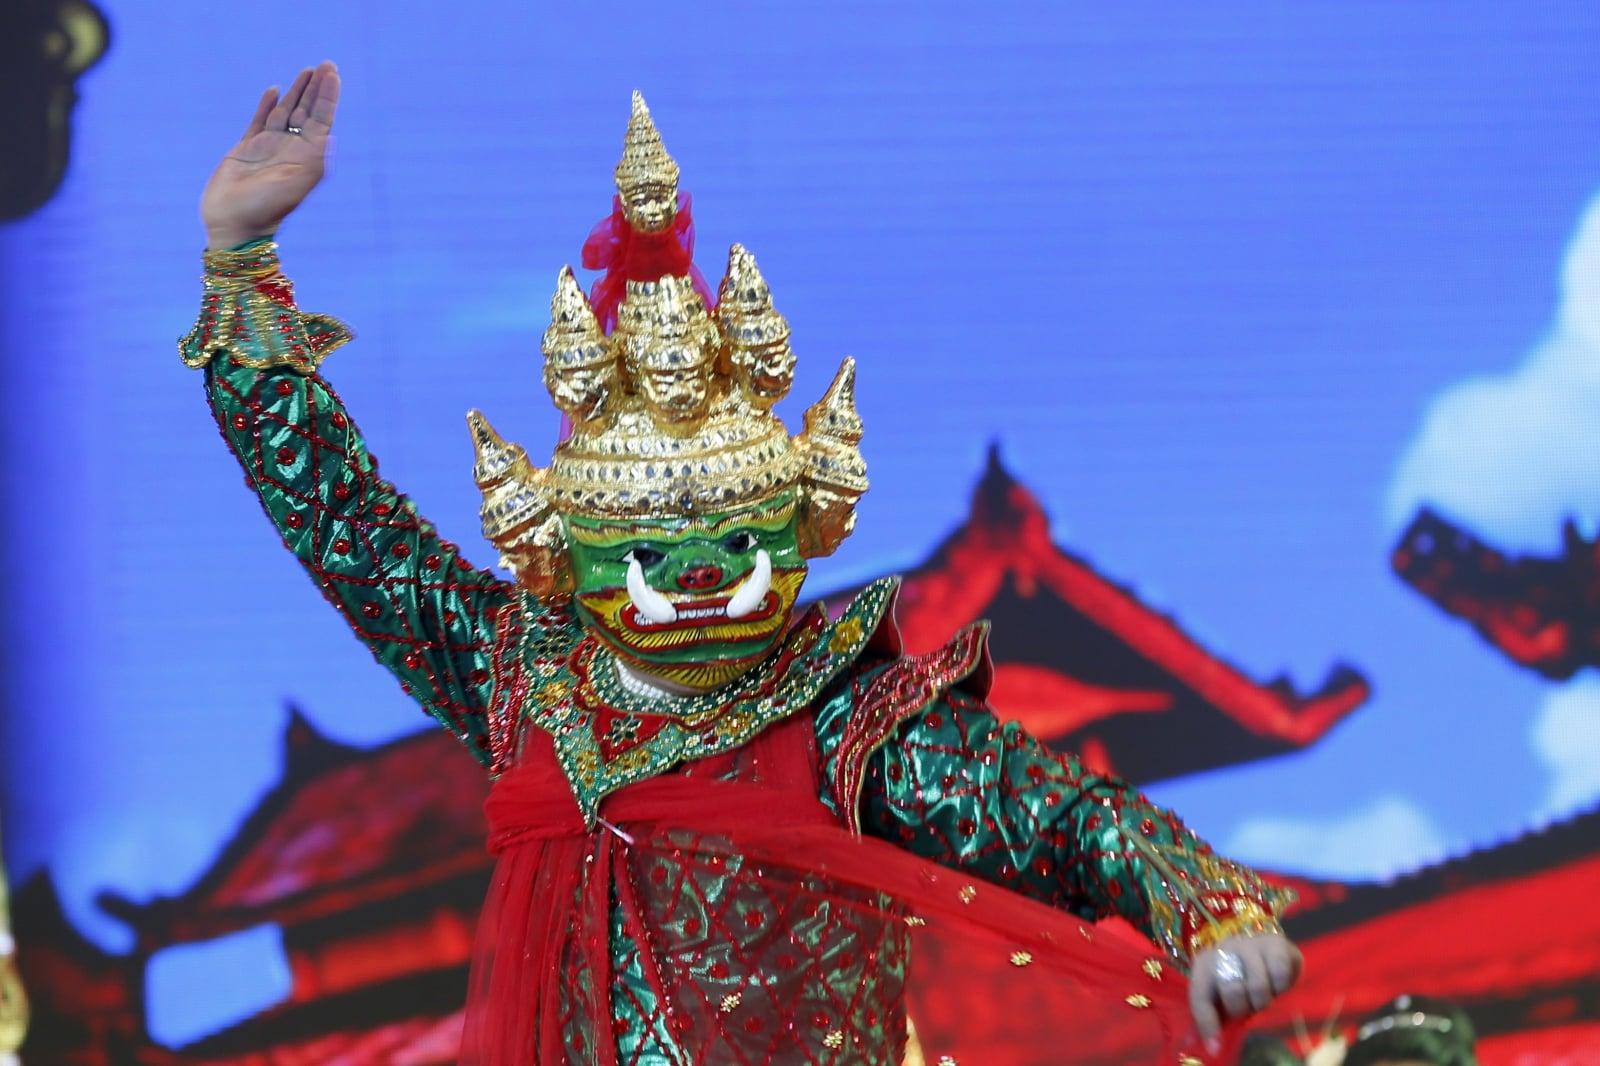 Tradycyjne stroje Mjanmarczyków fot. EPA/HEIN HTET Dostawca: PAP/EPA.